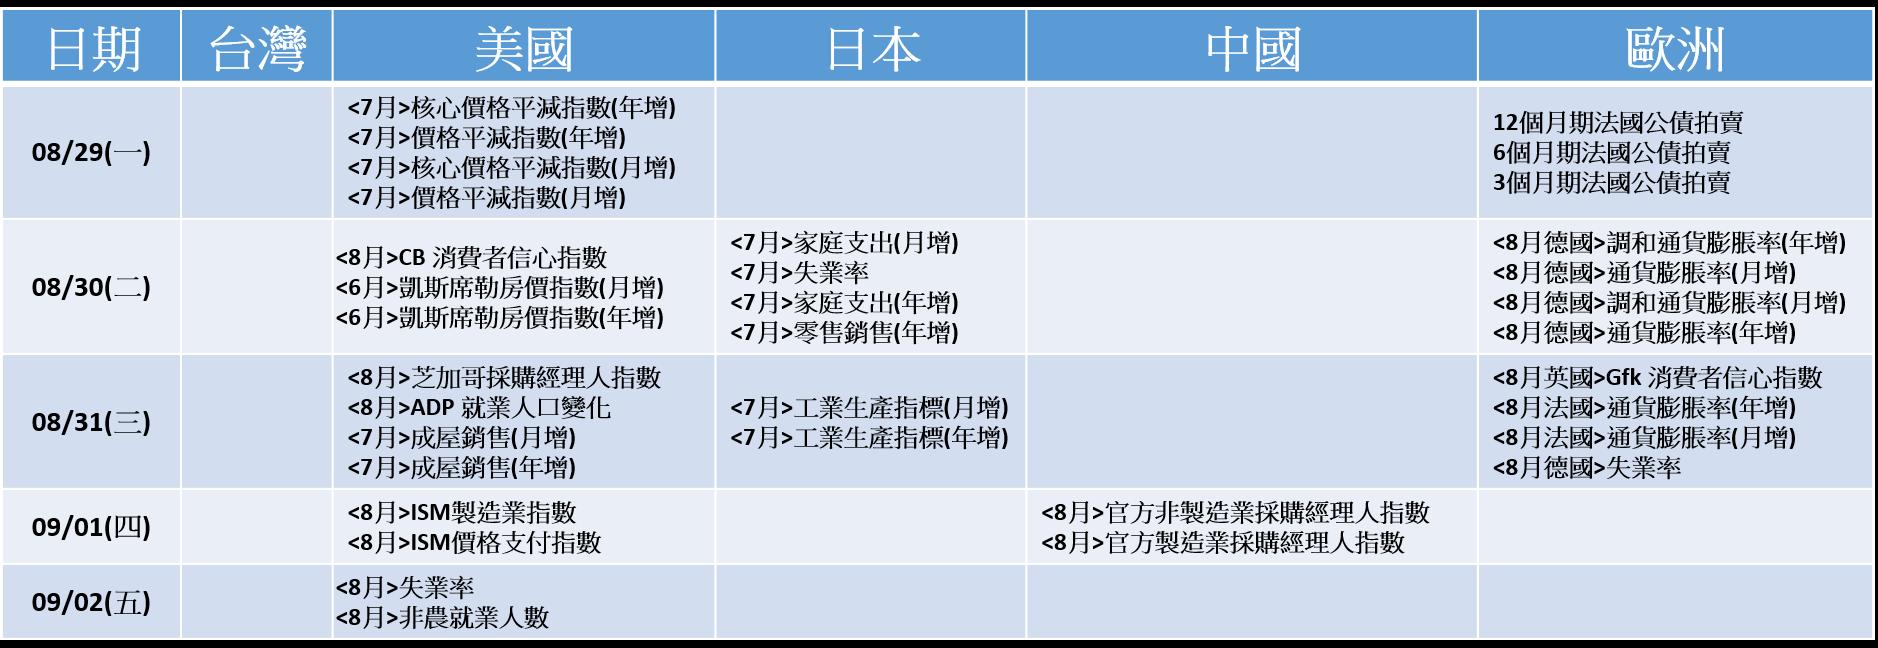 20160829~20160902_經濟事件